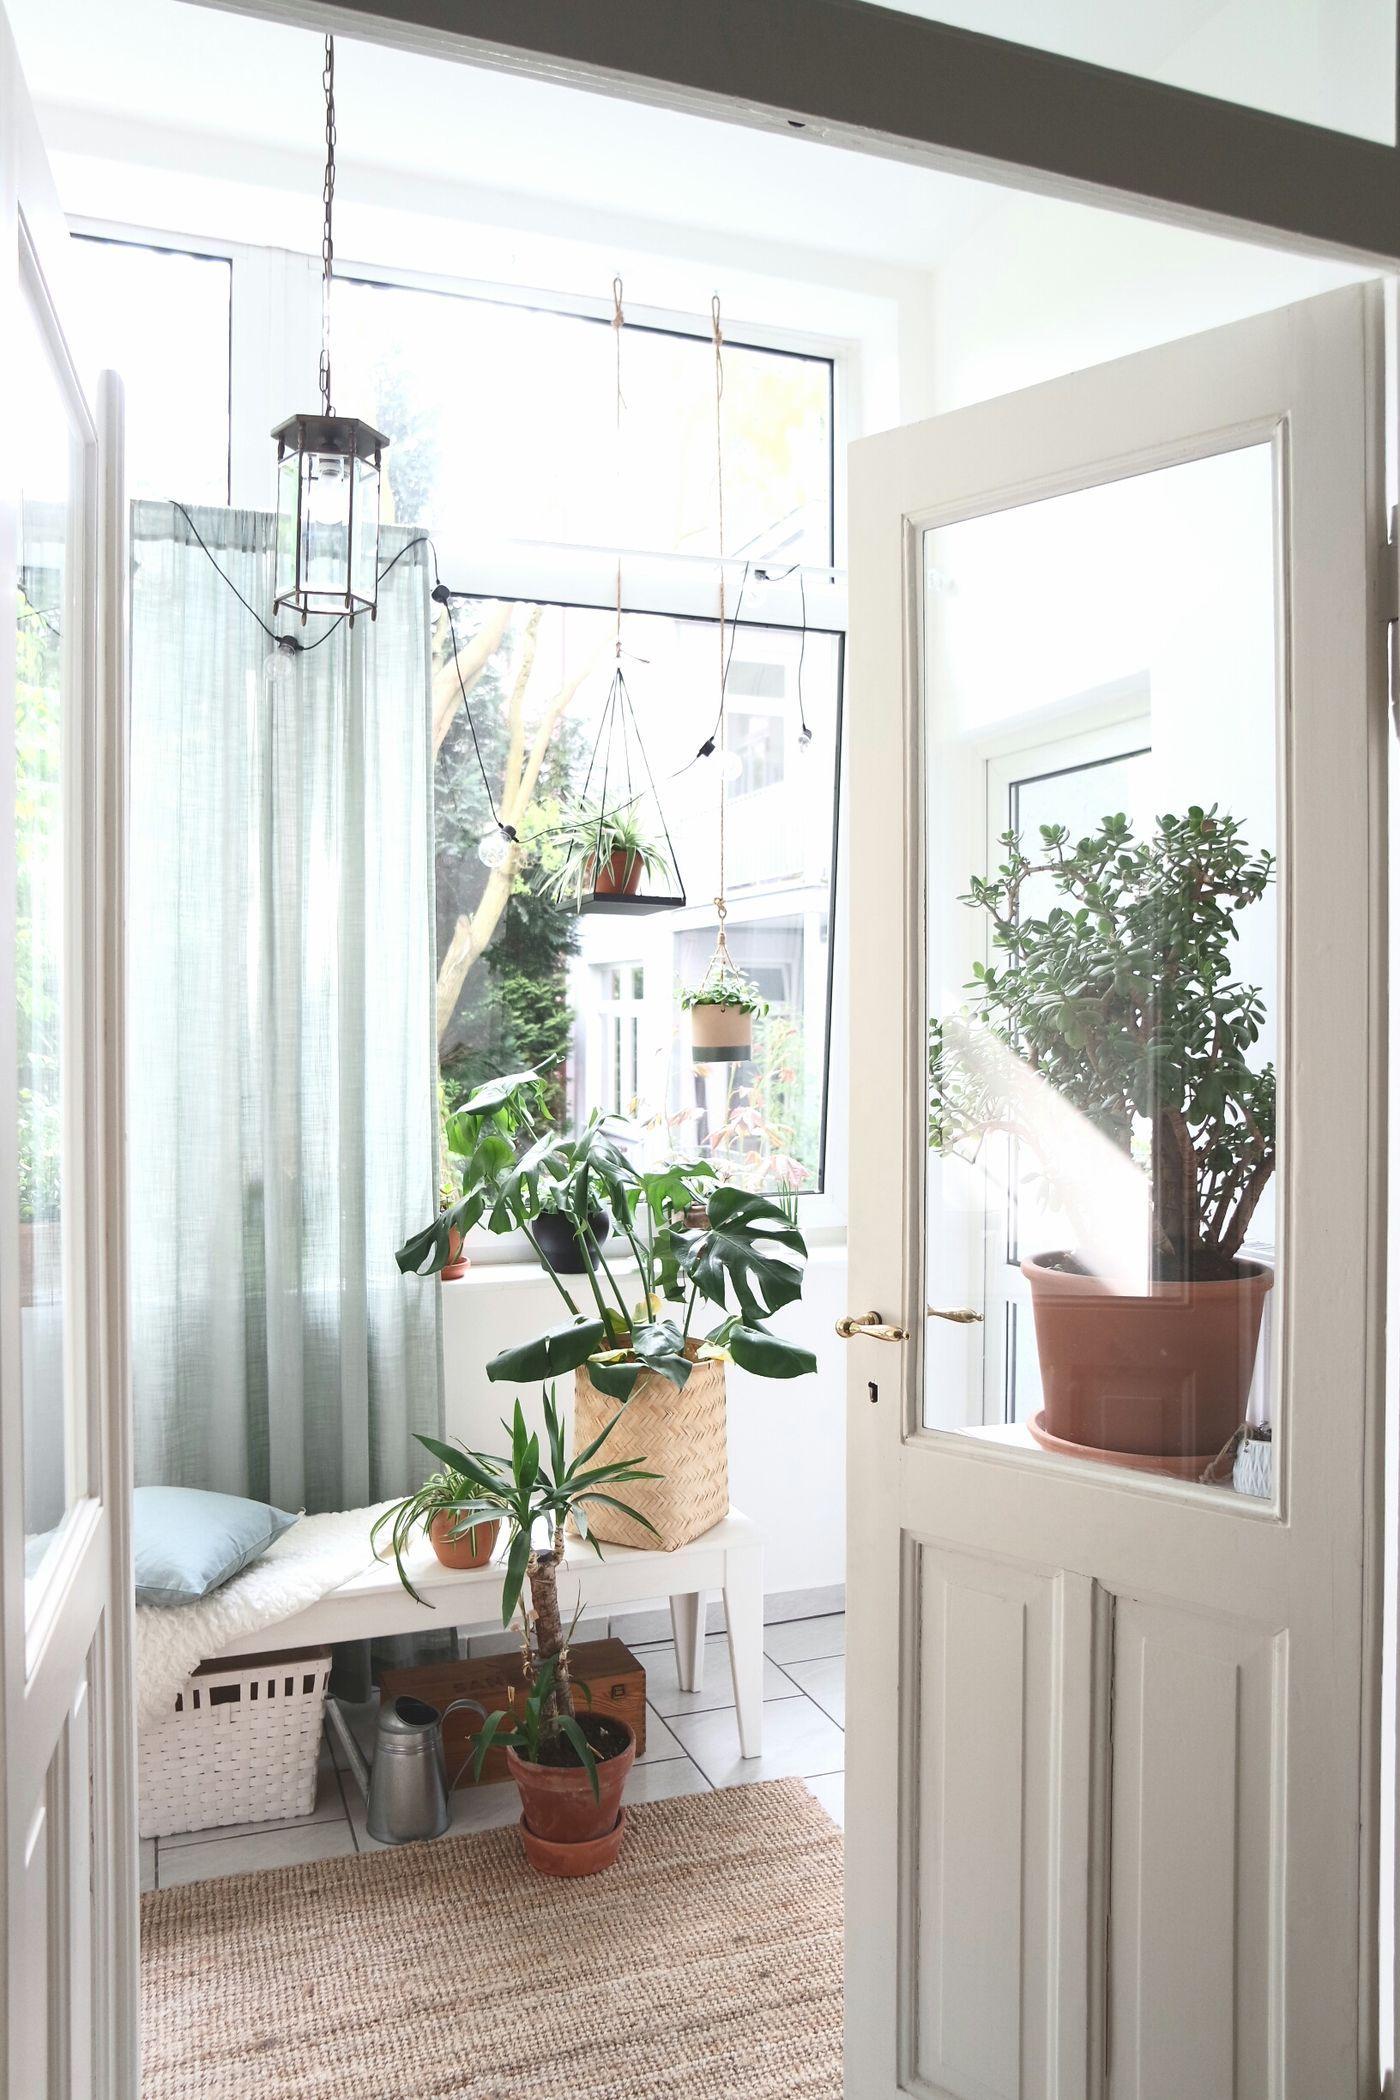 basteln mit schwemmholz vogel aus holz treibholz schwemmholz selber basteln zum aufhangen. Black Bedroom Furniture Sets. Home Design Ideas